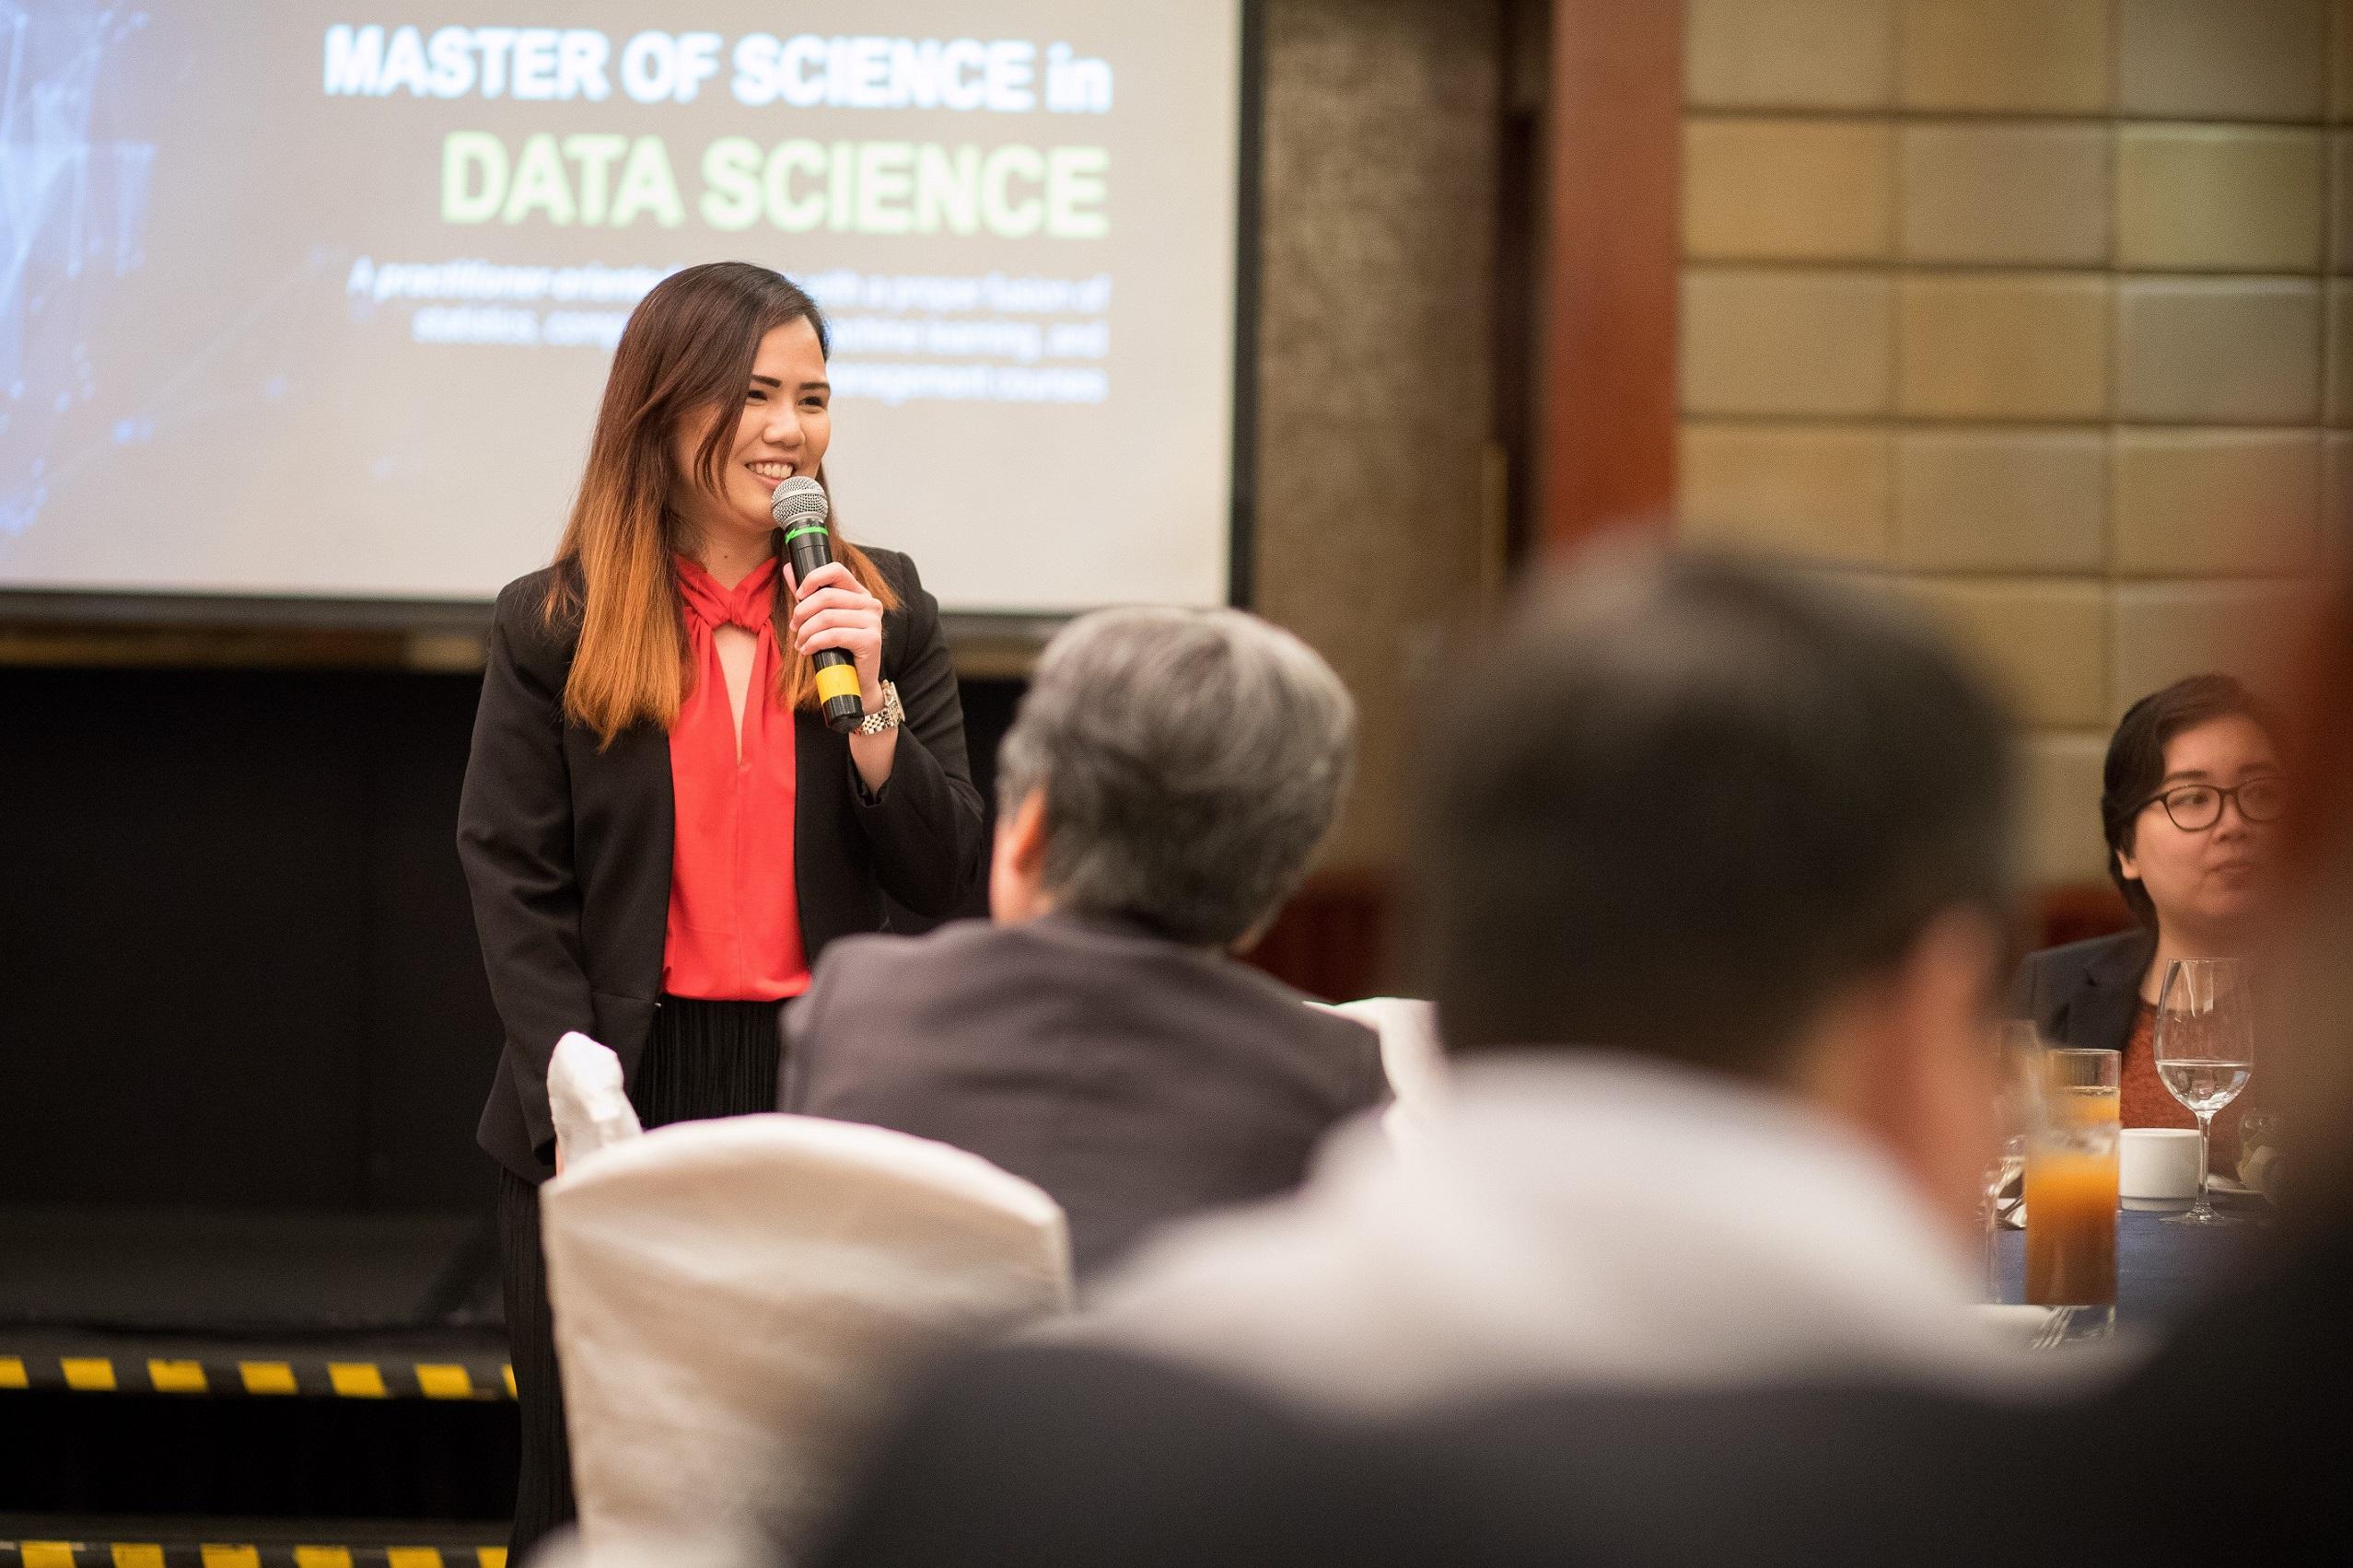 Dr. Legara addresses the sponsors